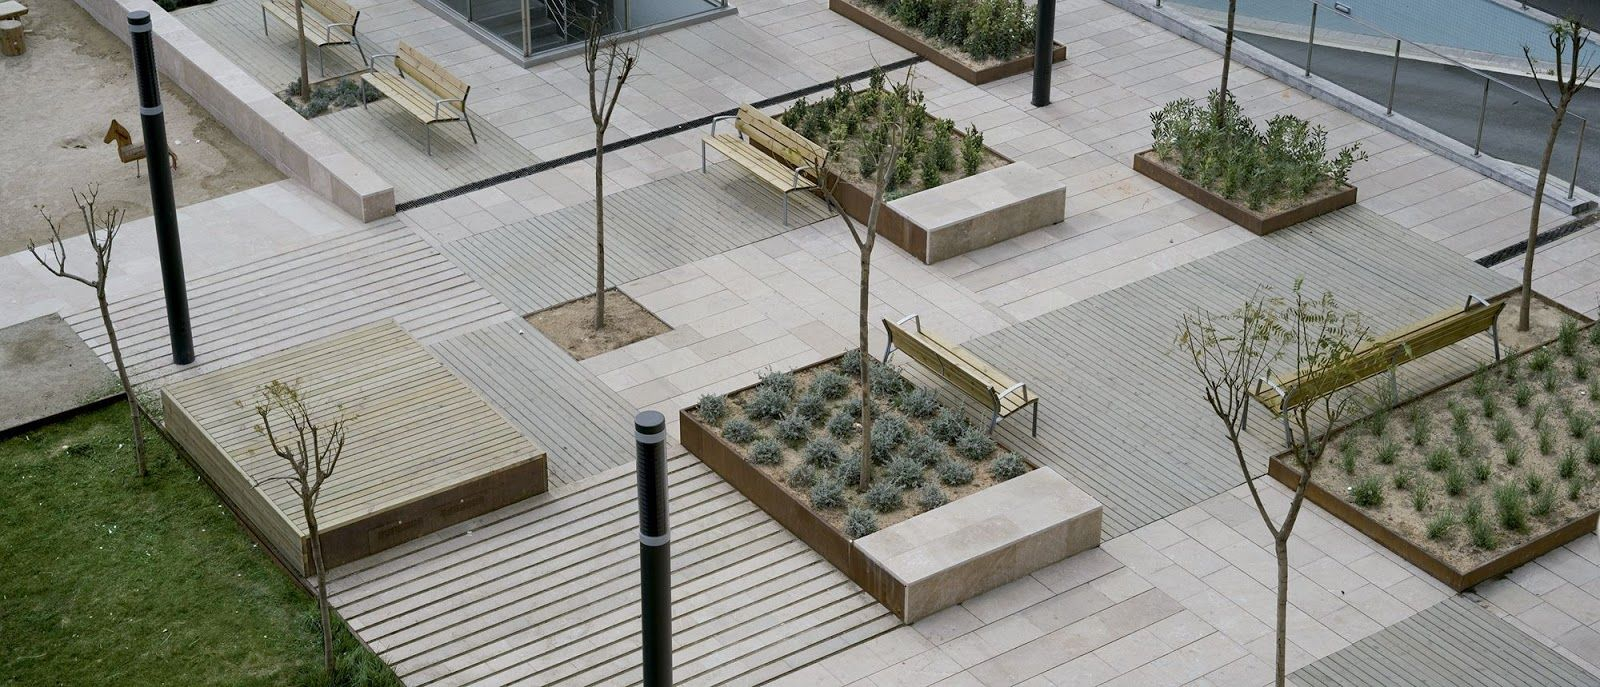 Carulla miralles arq espacio p blico pinterest for Mobiliario espacio publico